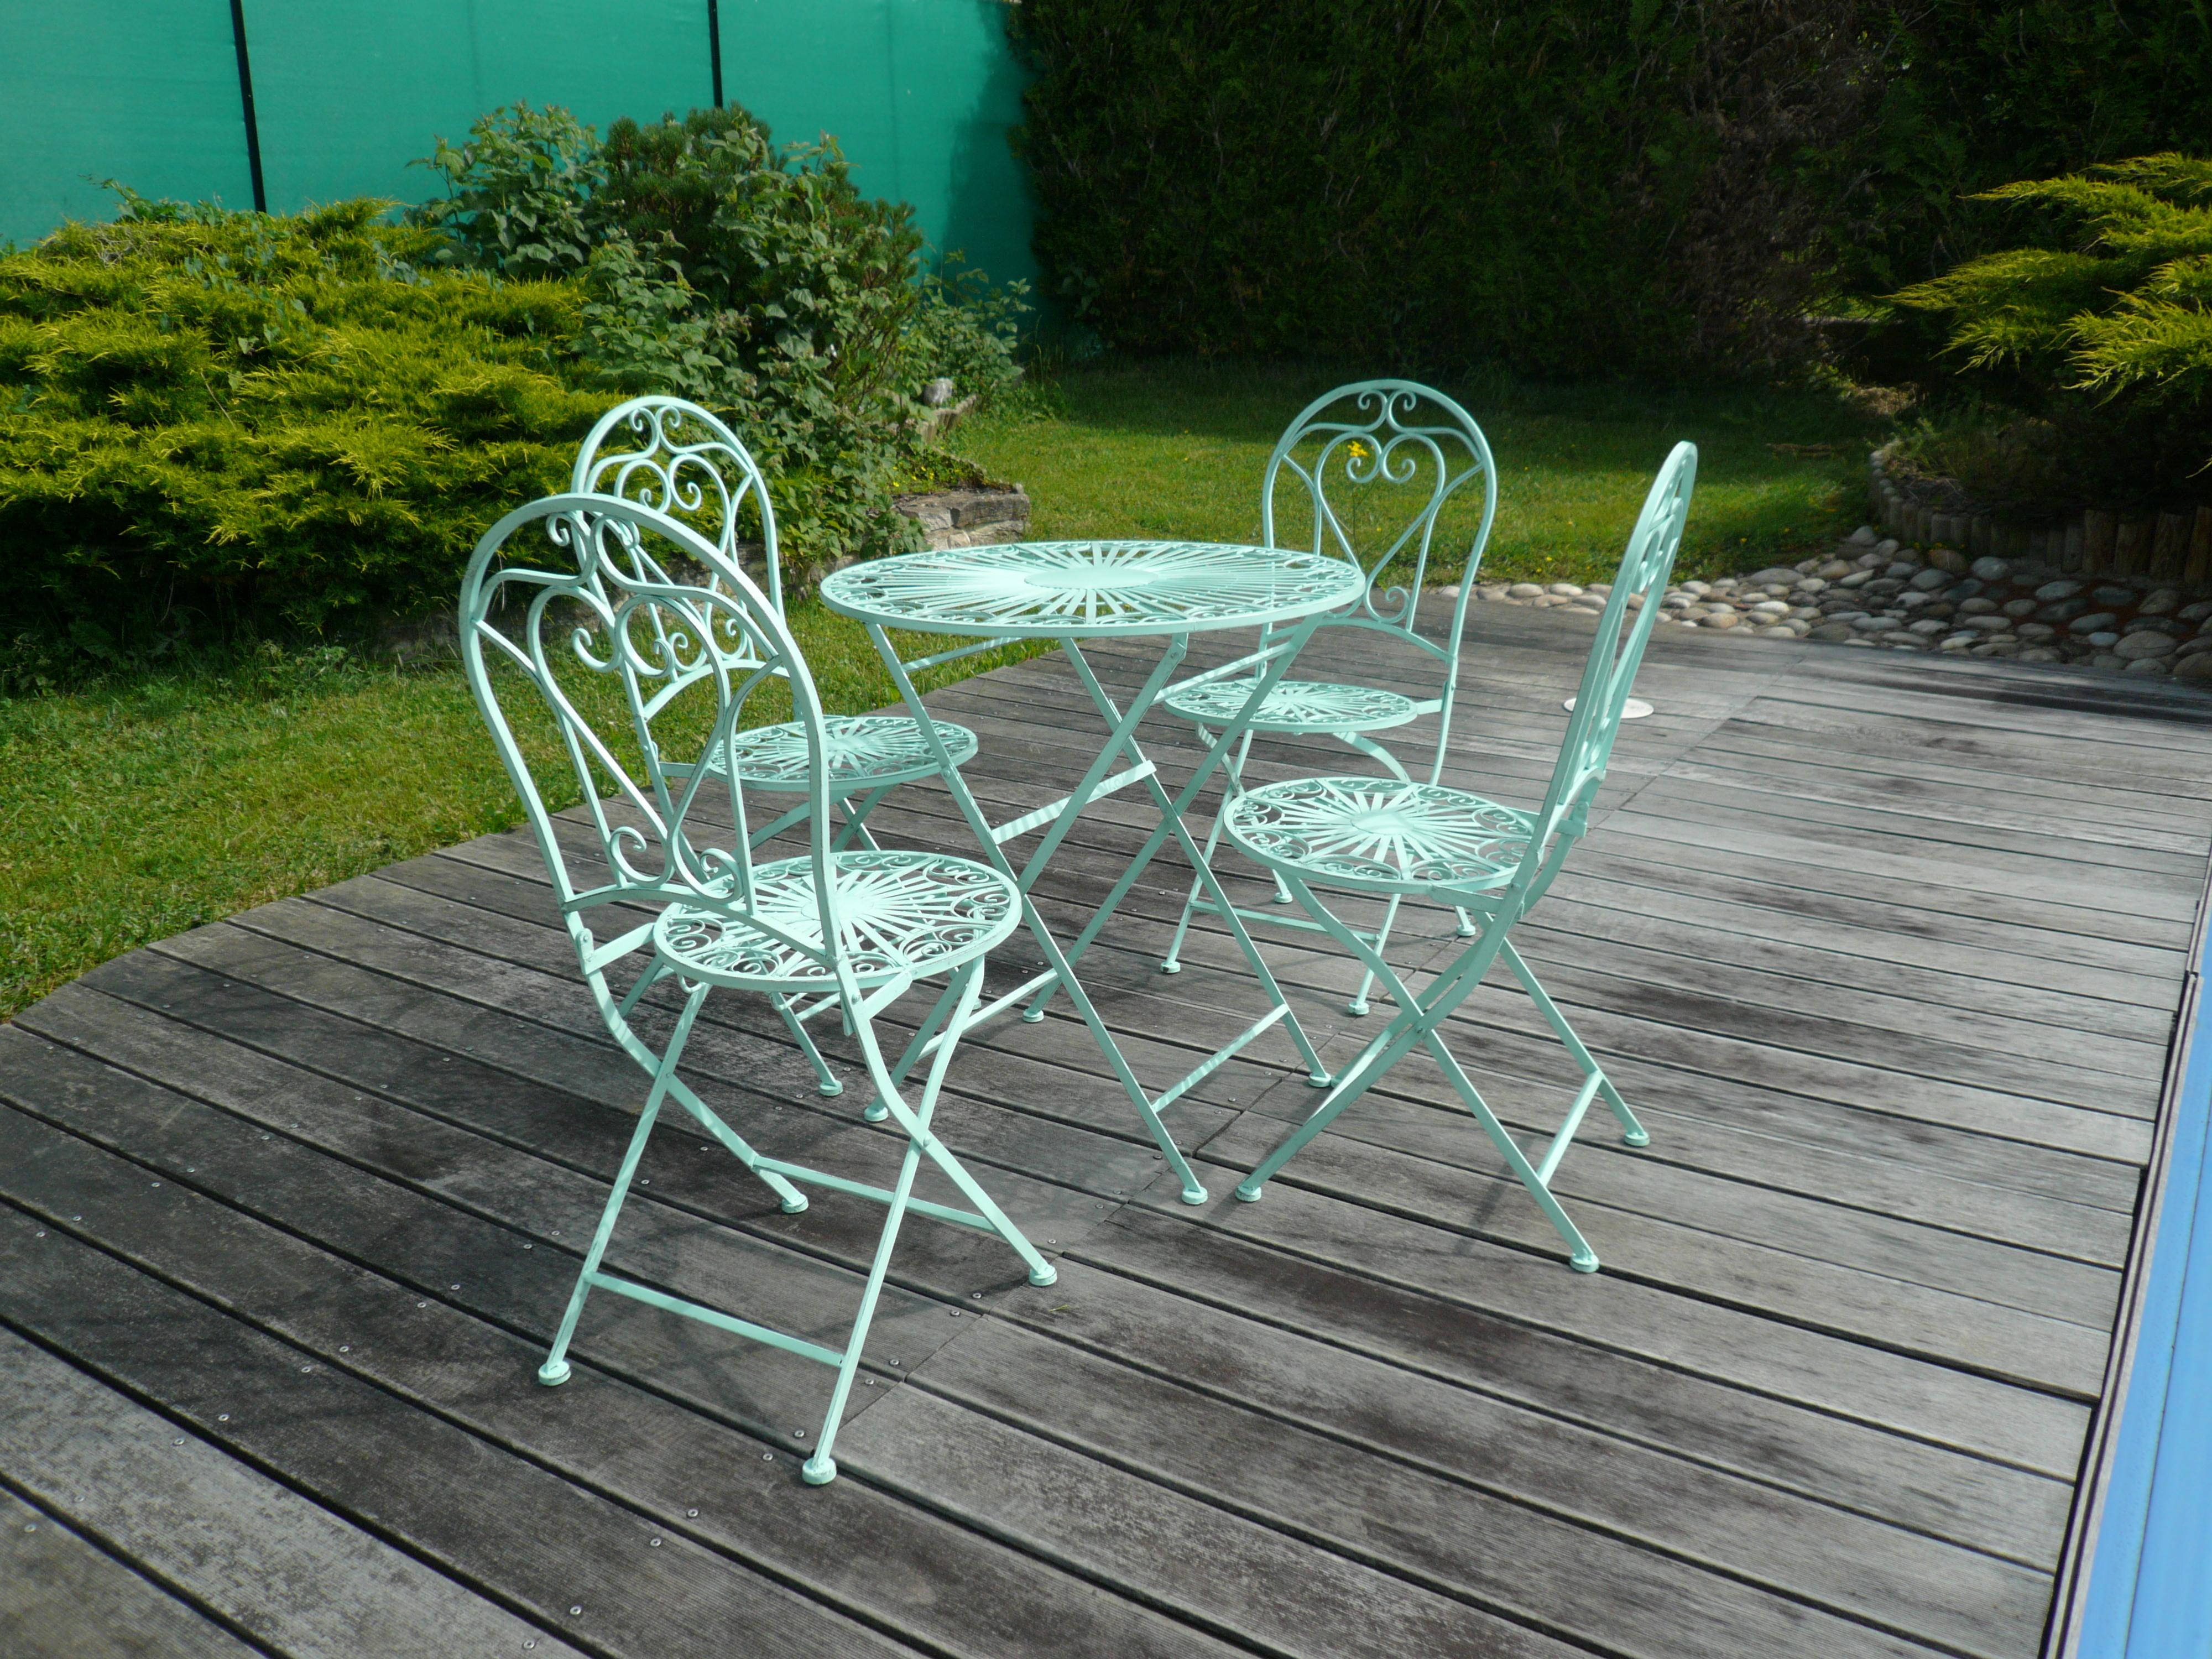 Peinture pour salon de jardin en fer jardin piscine et cabane - Peinture pour salon de jardin ...